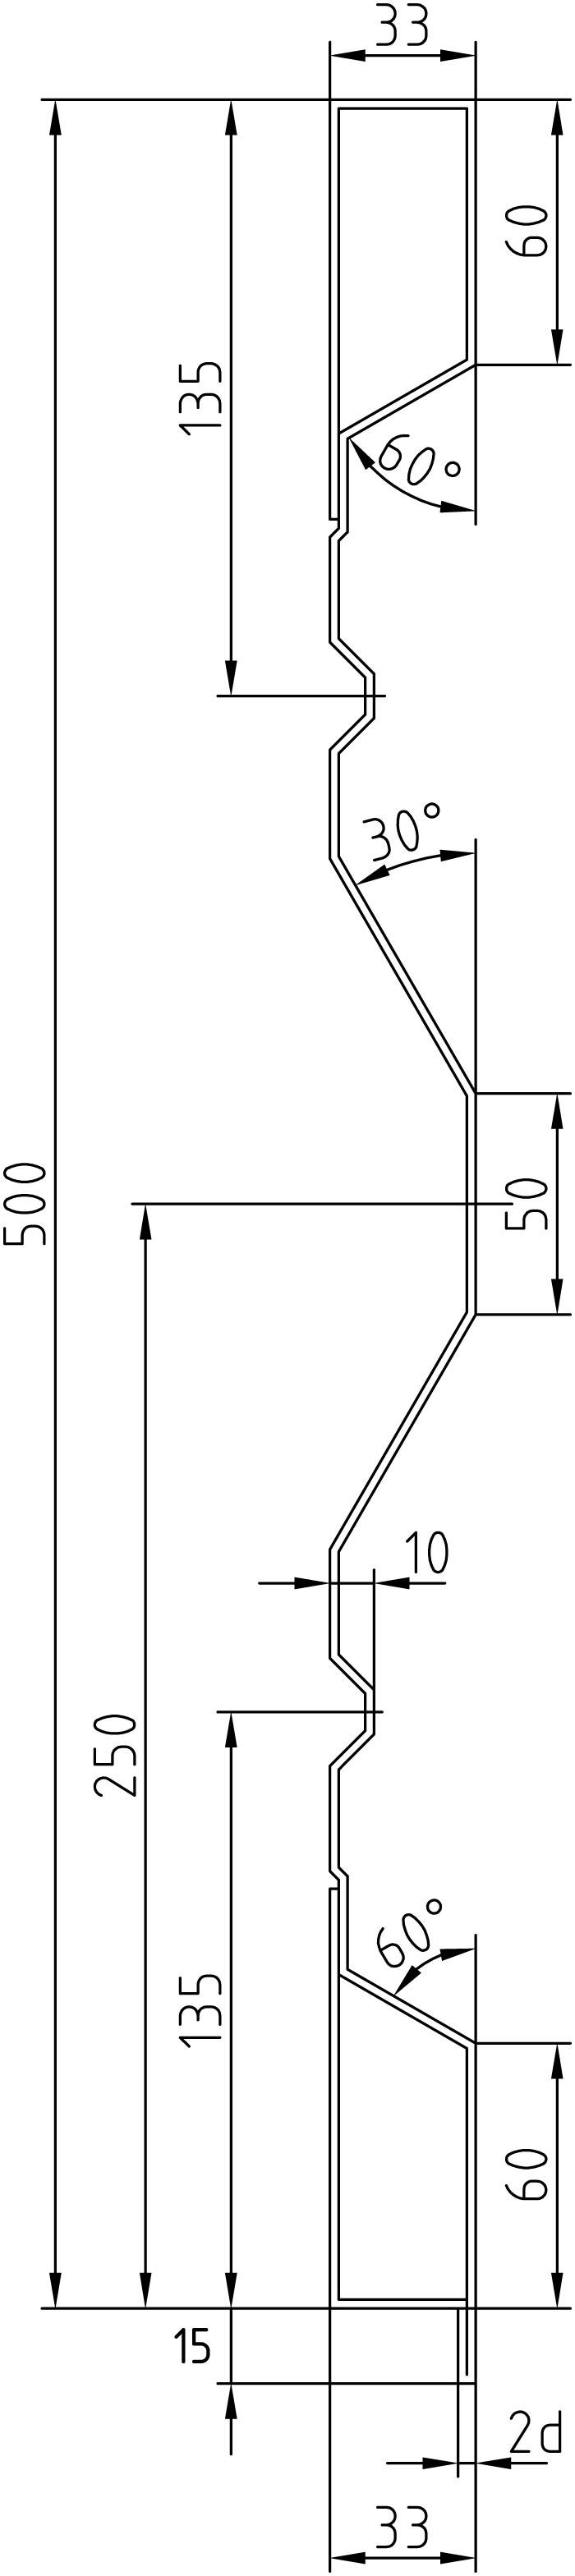 Brantner Kipper und Anhänger - NmE HVN 500x2x2228 Winkel NP 40/20/5